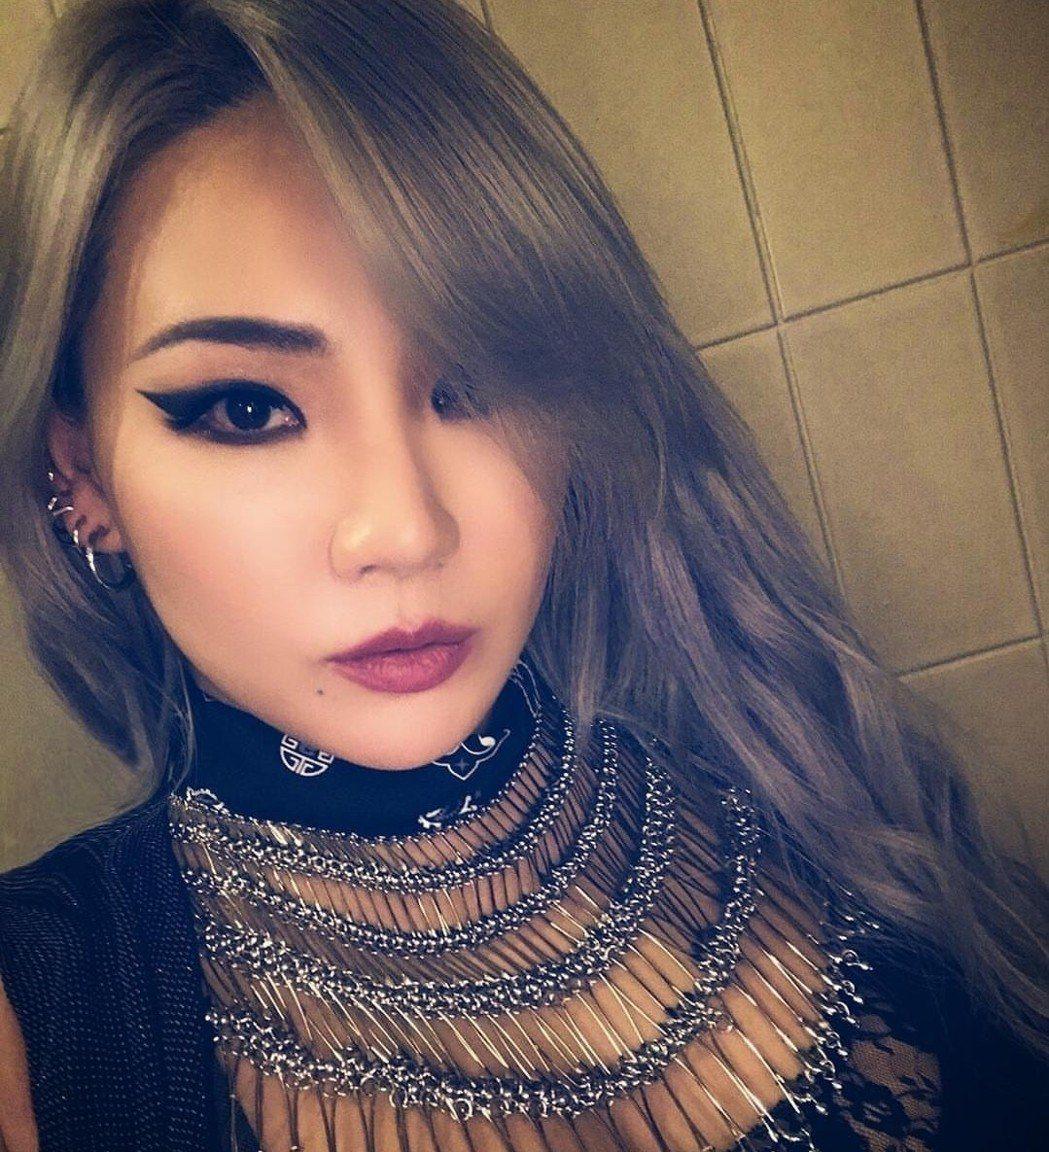 前2NE1隊長CL確定不與YG續約,結束13年的合作關係。圖/摘自IG